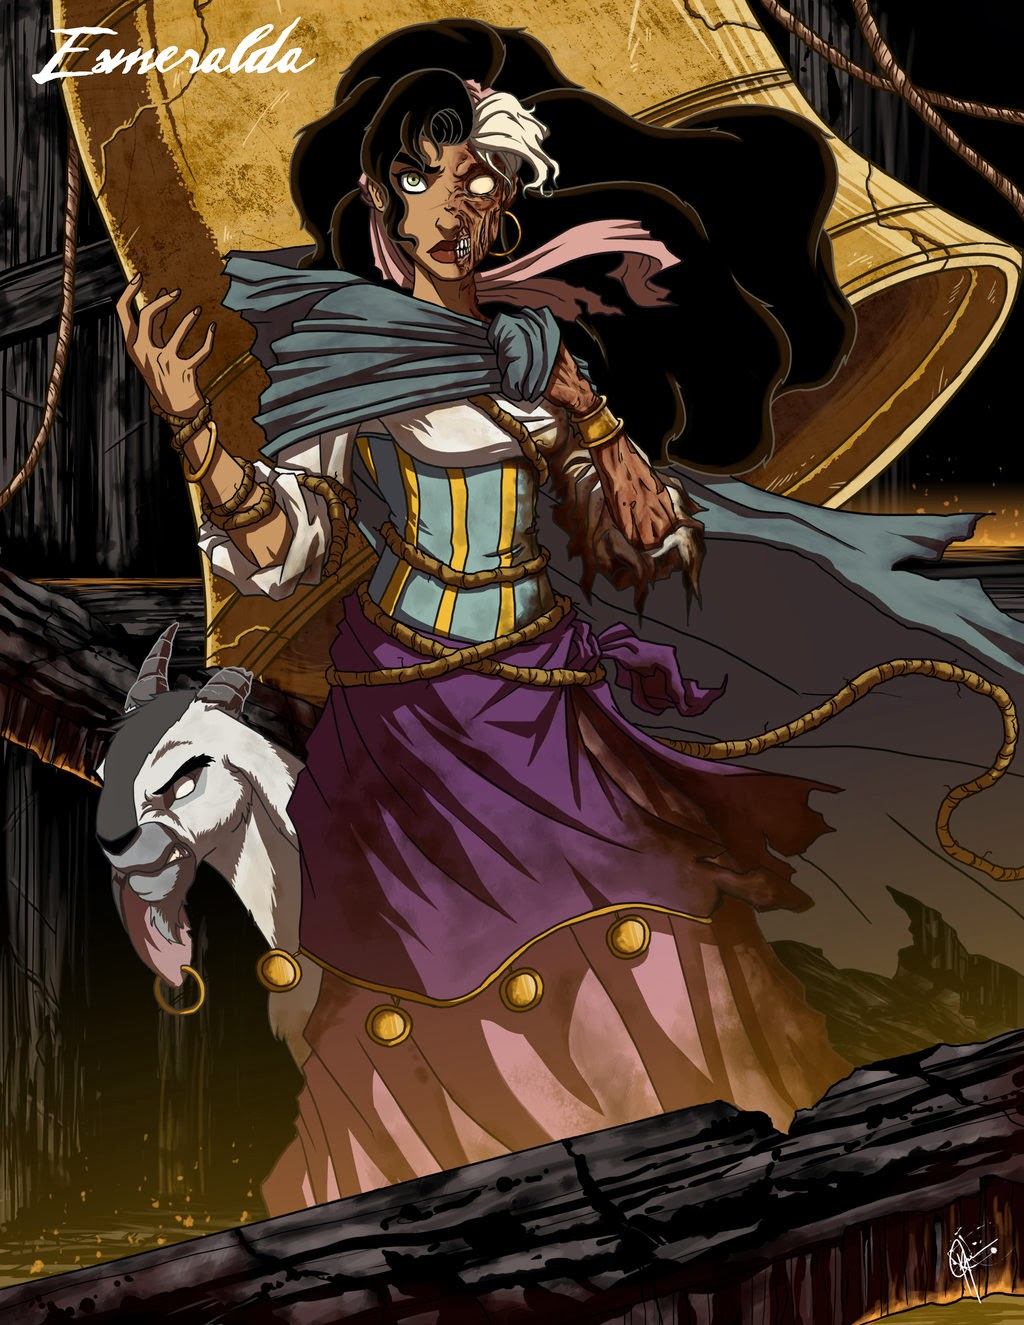 Twisted Princess - Công chúa hoạt hình, phiên bản Zombie